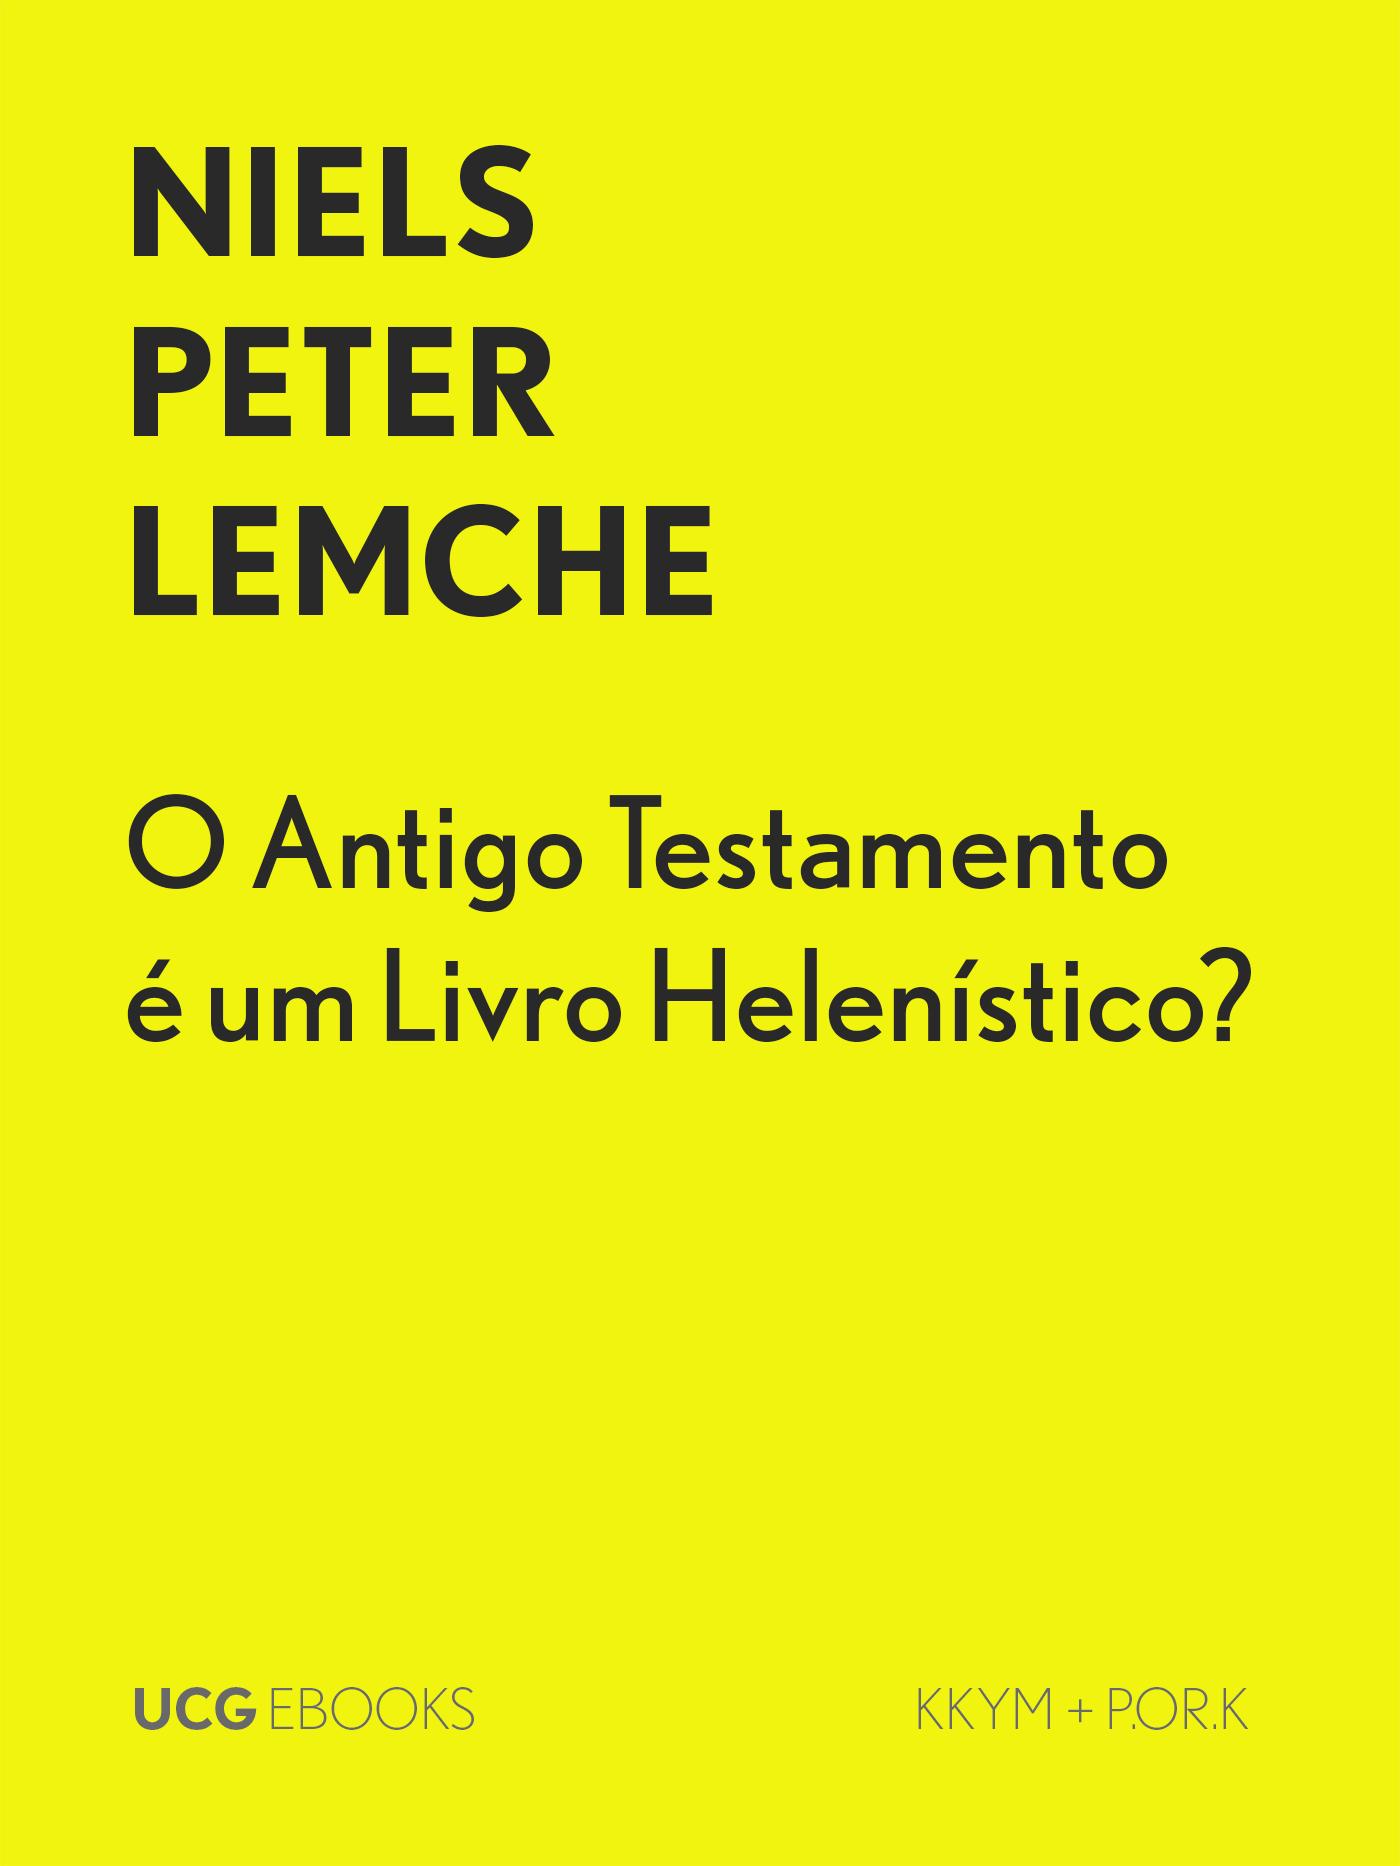 O Antigo Testamento é um Livro Helenístico?